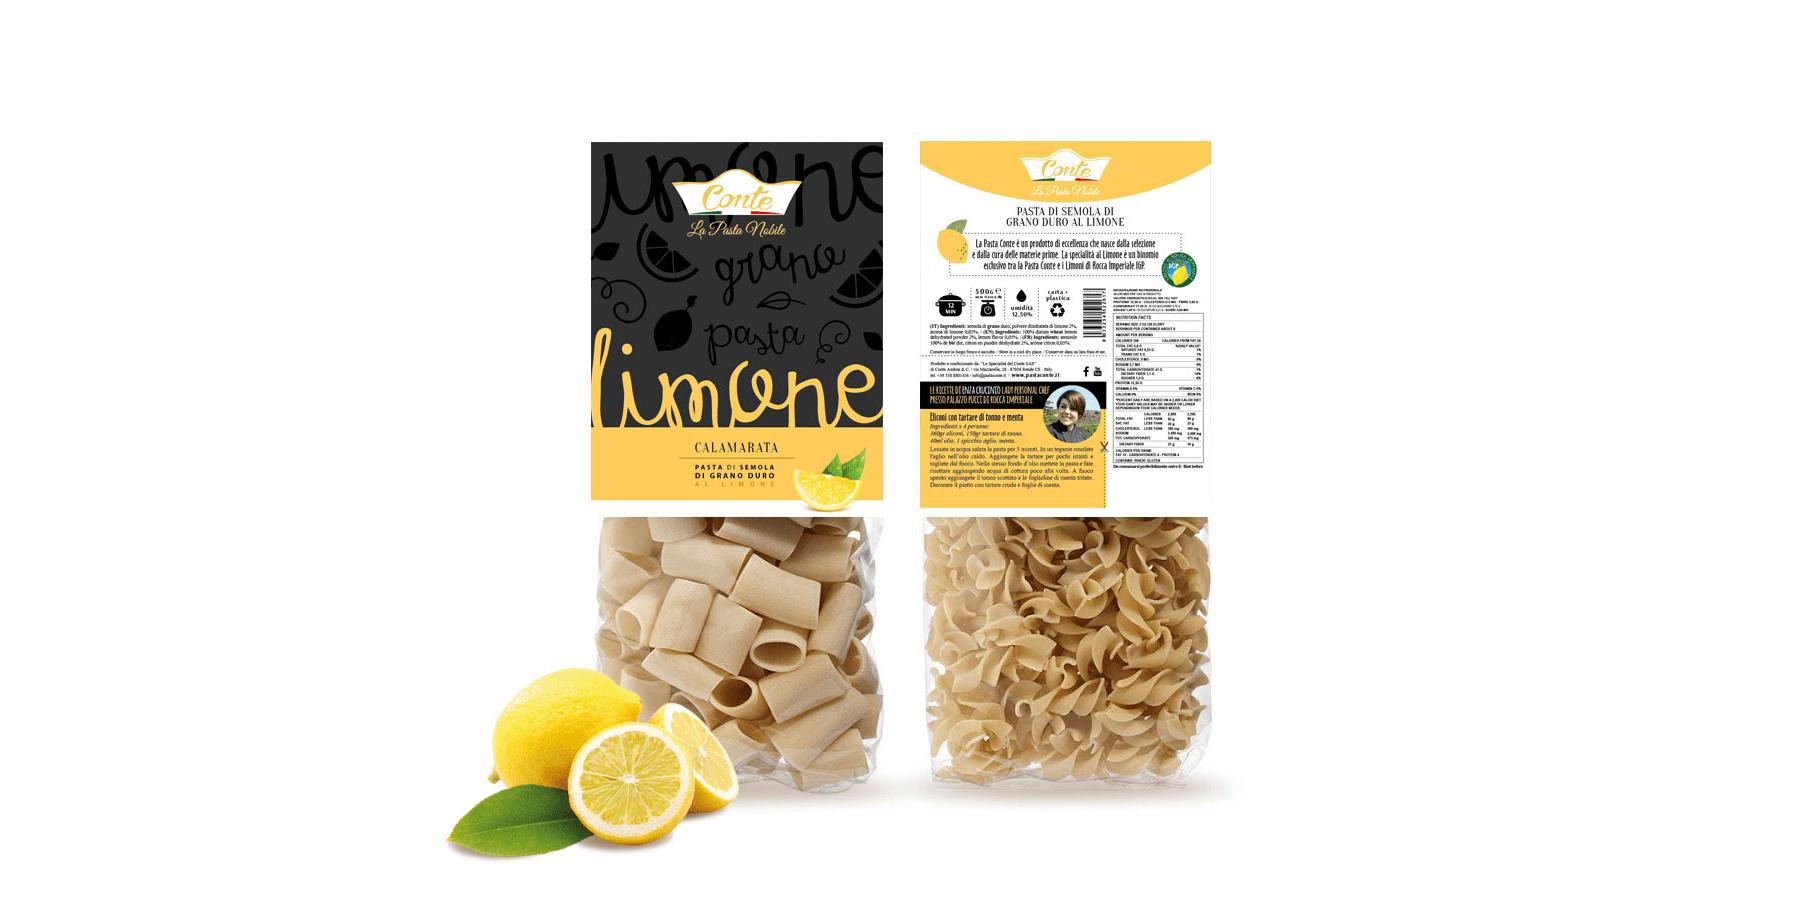 Studio La Regina - pasta aromatizzata Conte al limone